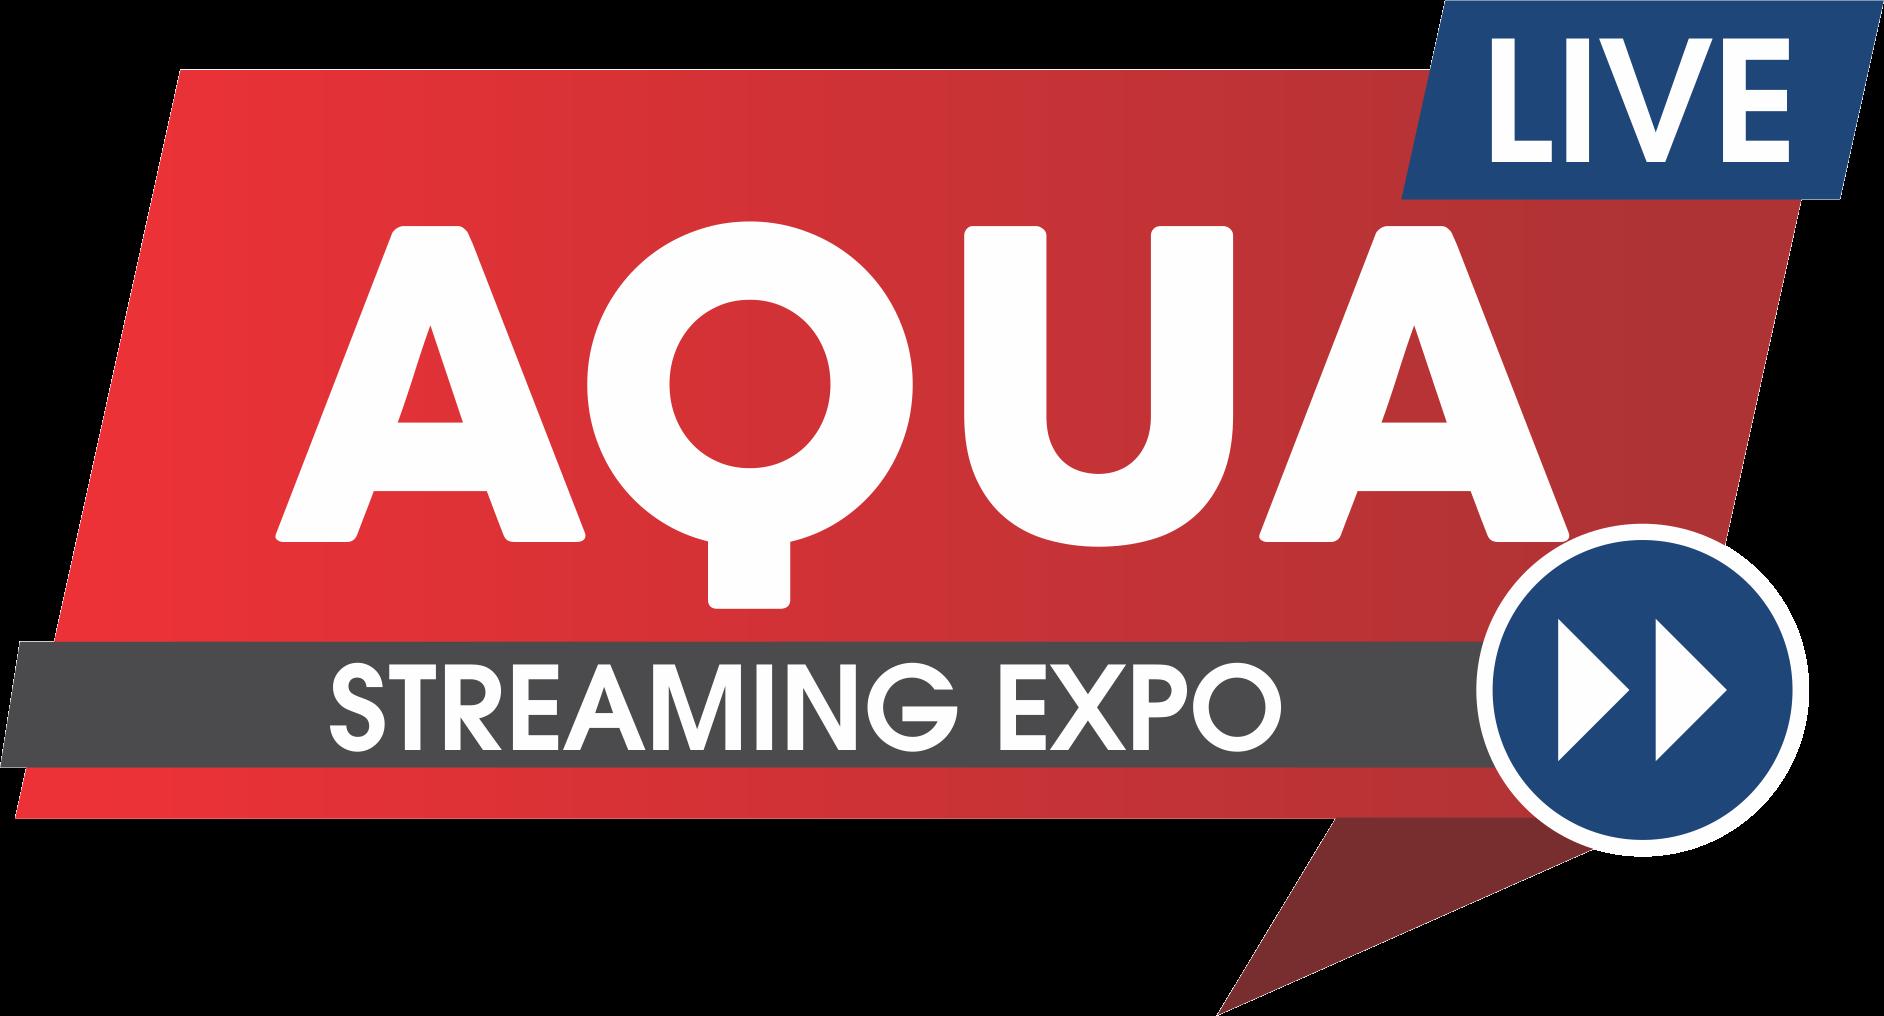 Aqua live streaming expo logo